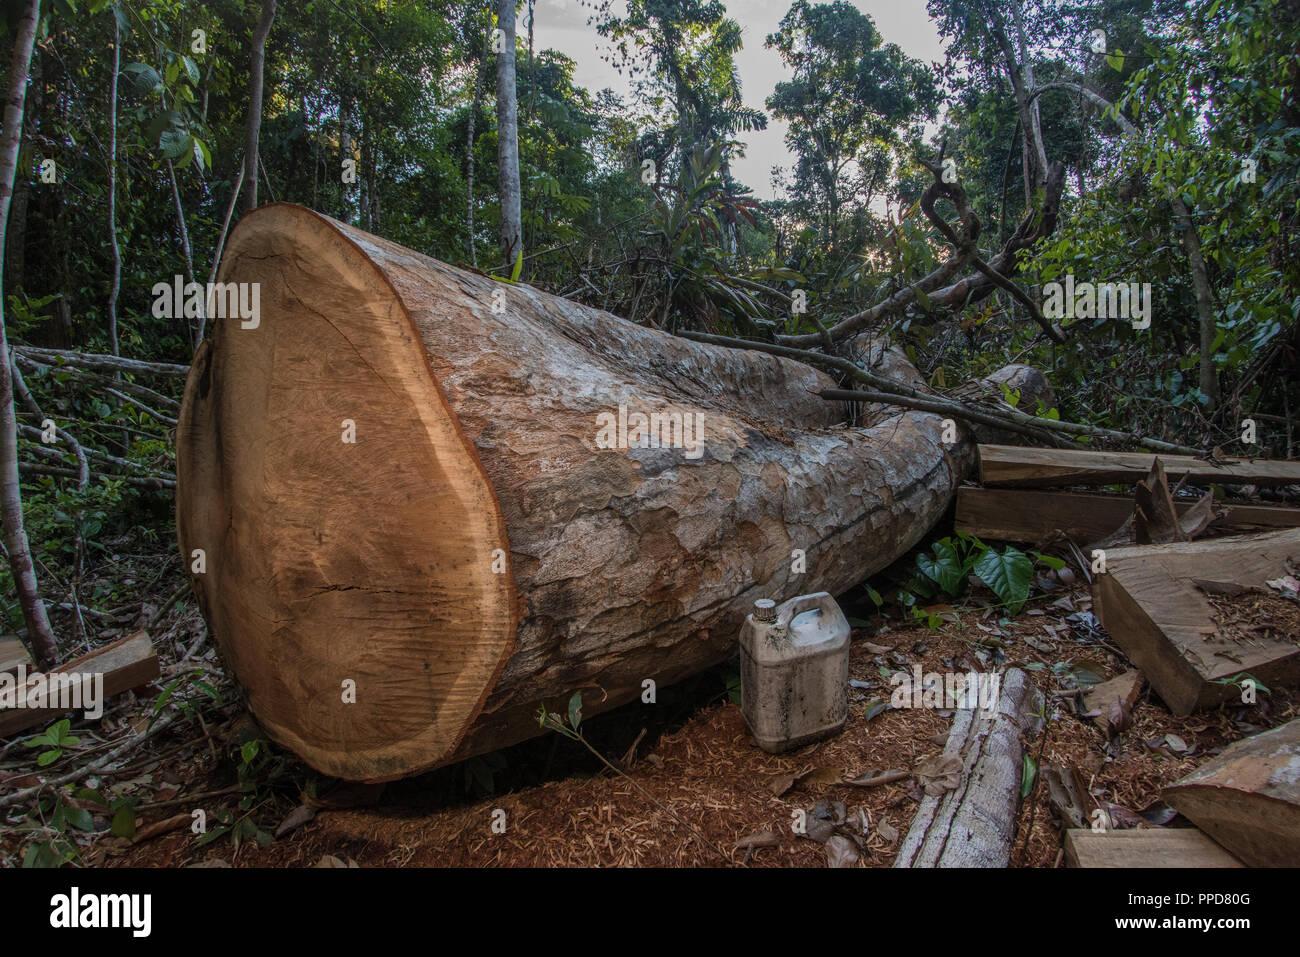 Un site d'exploitation forestière dans la région de Madre de Dios, au Pérou. L'exploitation forestière illégale est une énorme menace pour la forêt amazonienne. Ici un arbre feuillu a été abattu. Photo Stock